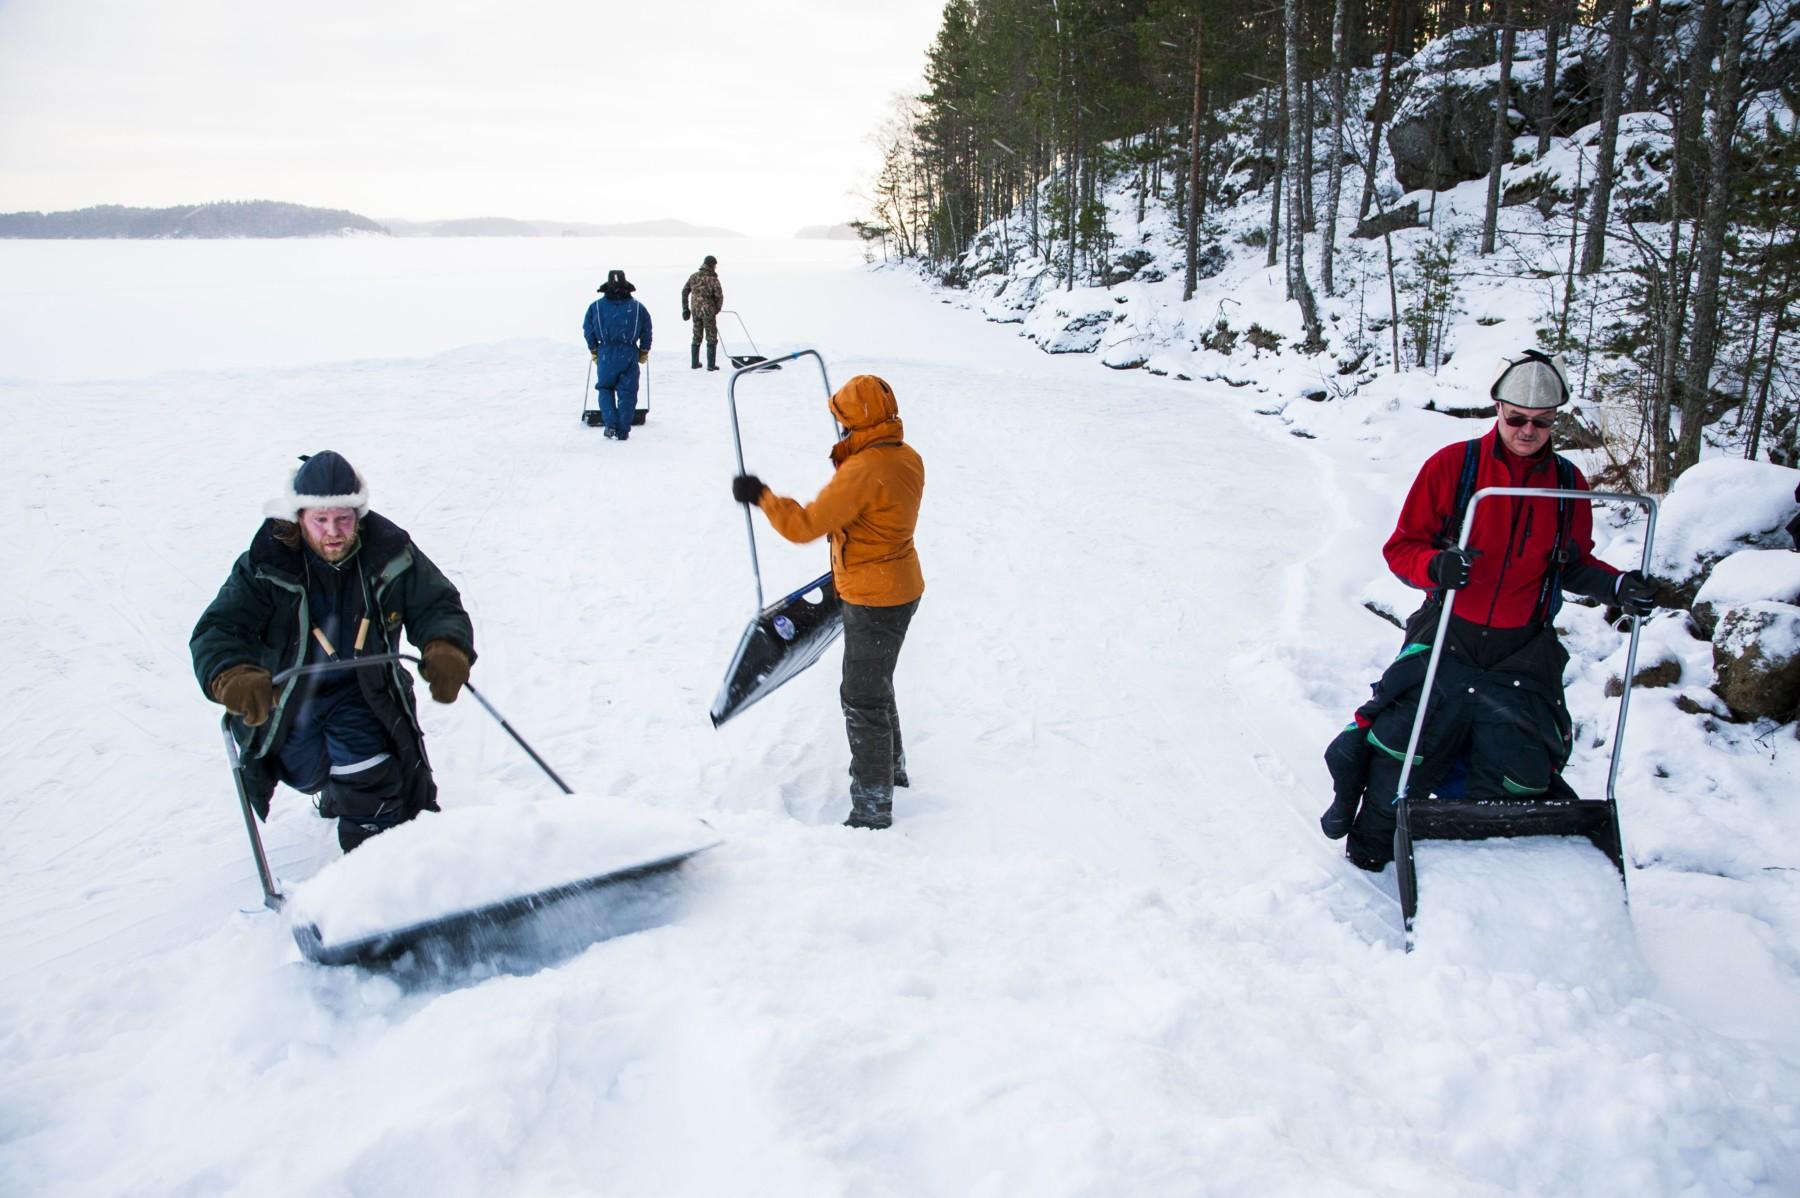 Au bord d'un lac à la surface recouverte de glace, des gens s'aident de pelles pour constituer des amas de neige.